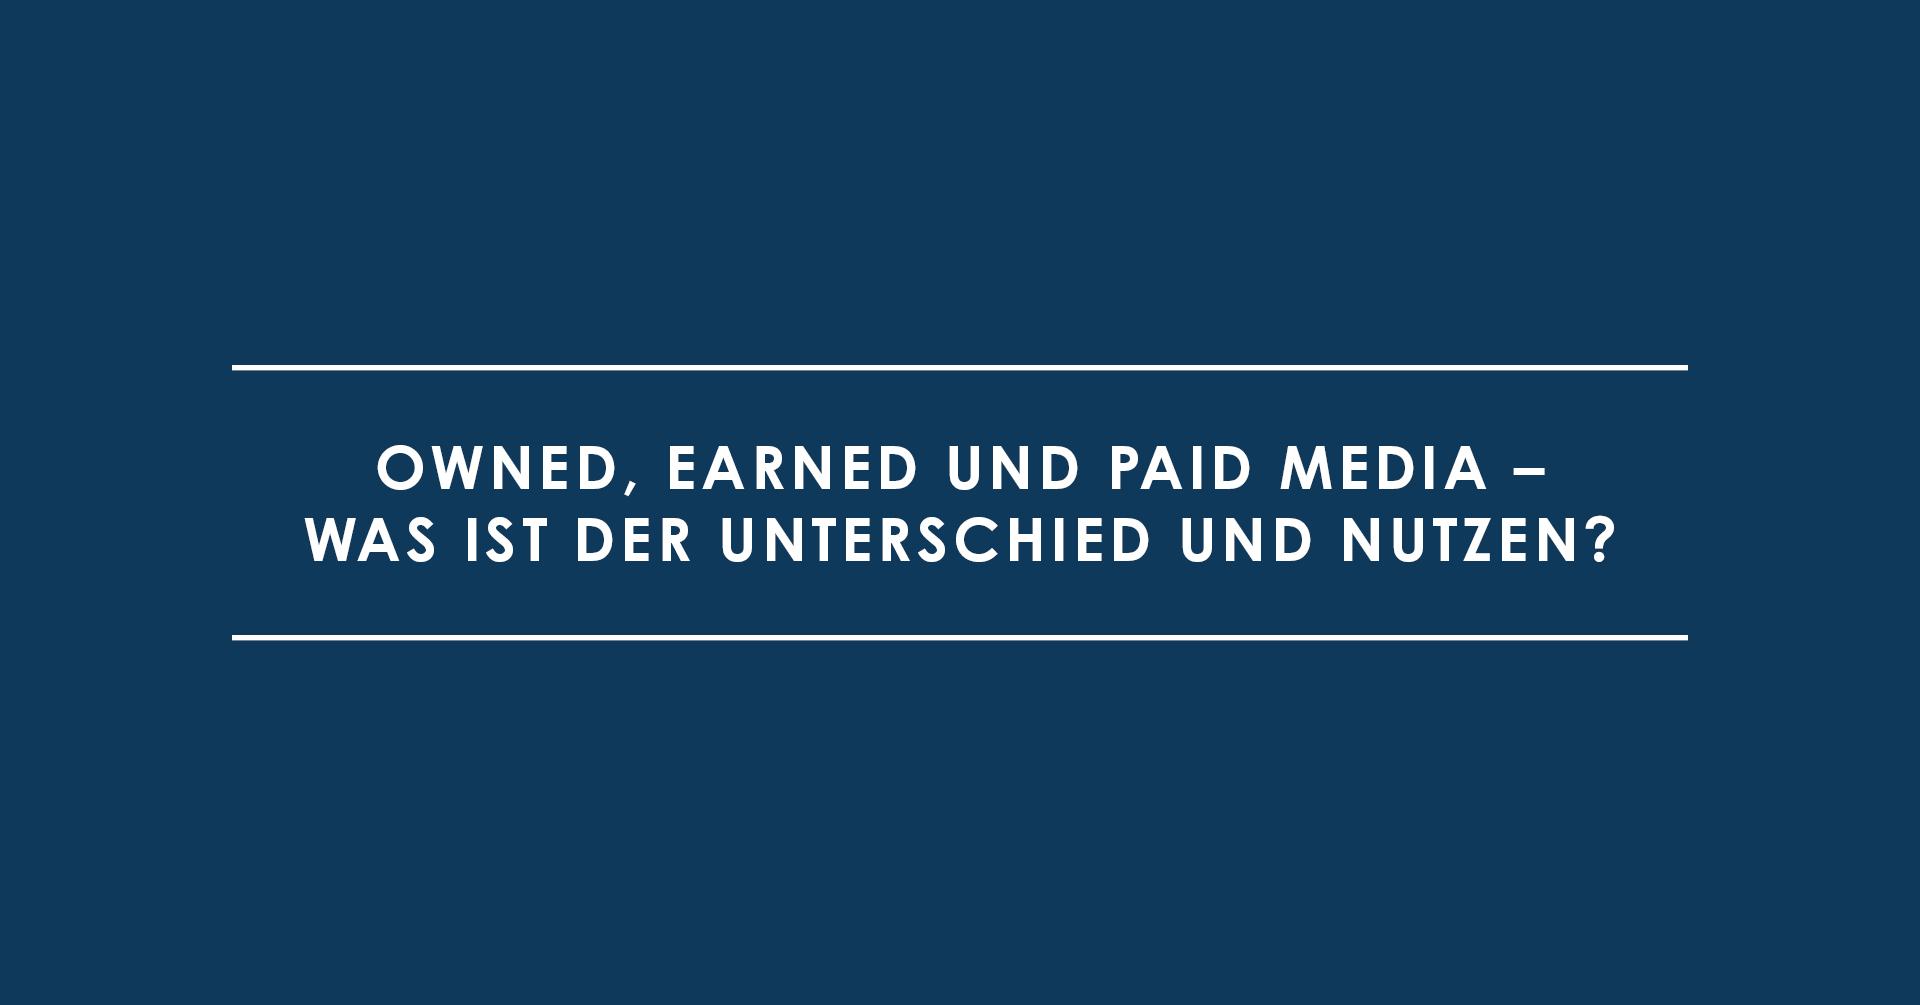 Owned, Earned und Paid Media – Was ist der Unterschied und Nutzen?